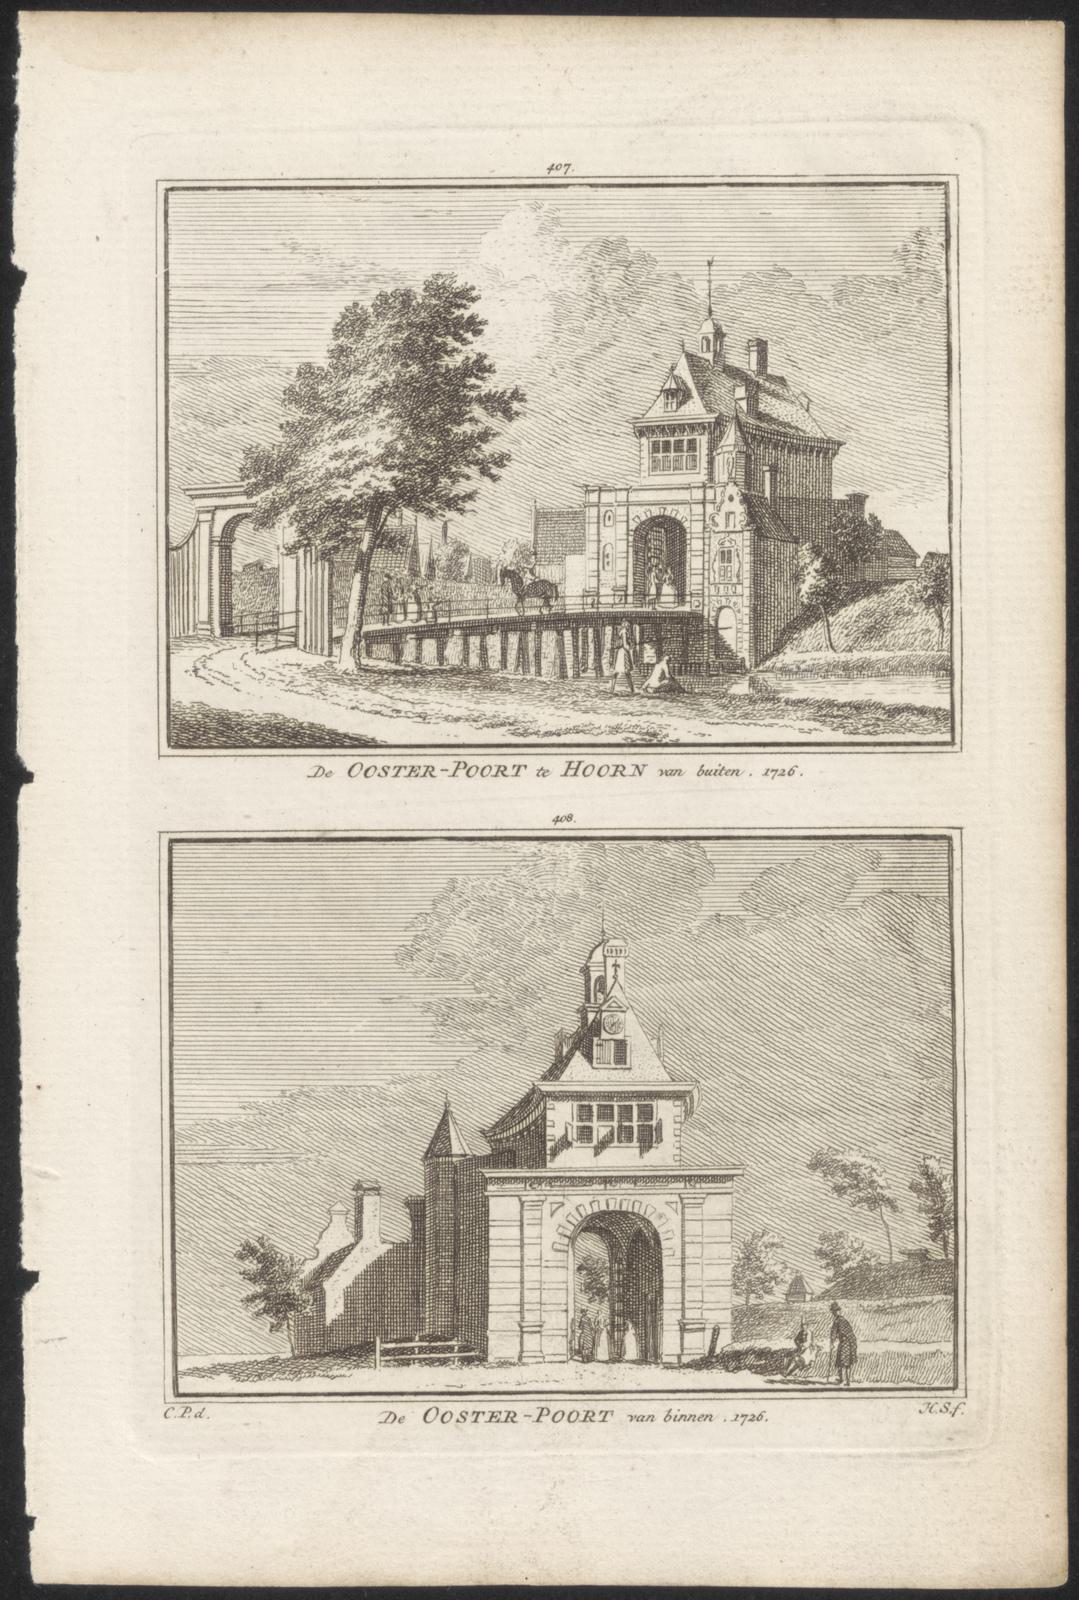 De Ooster-poort te Hoorn van buiten. 1726. De Ooster-poort van binnen. 1726.